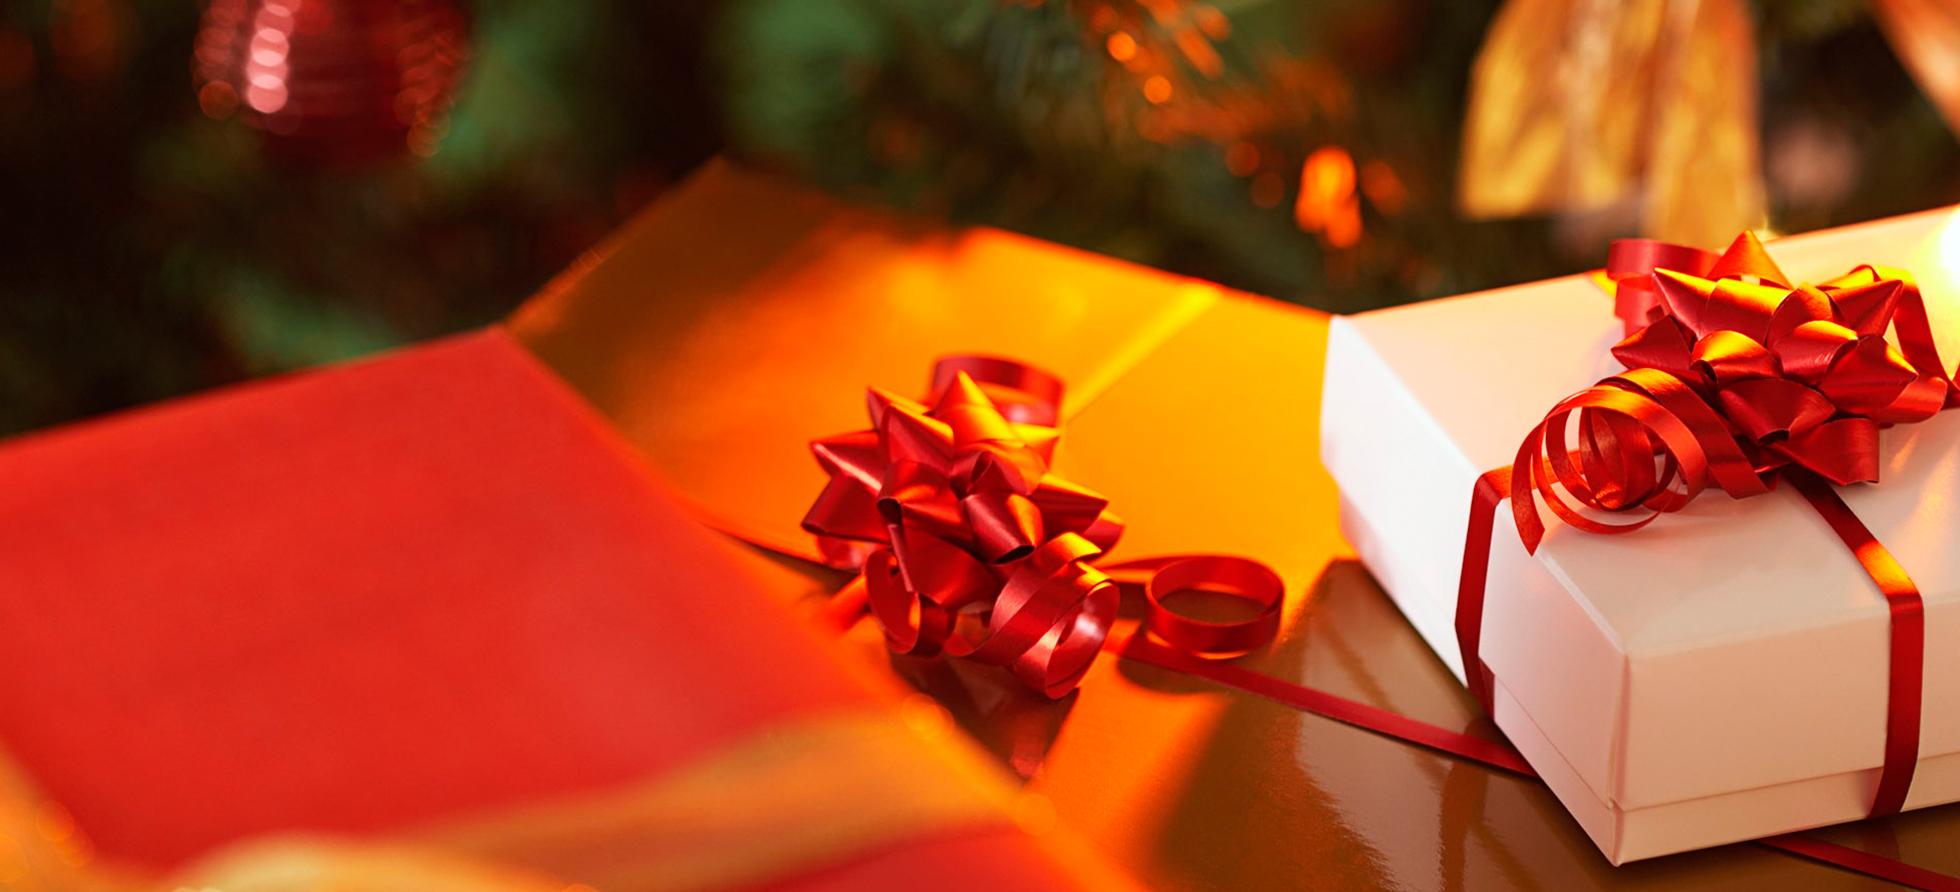 Christmas Image 2014